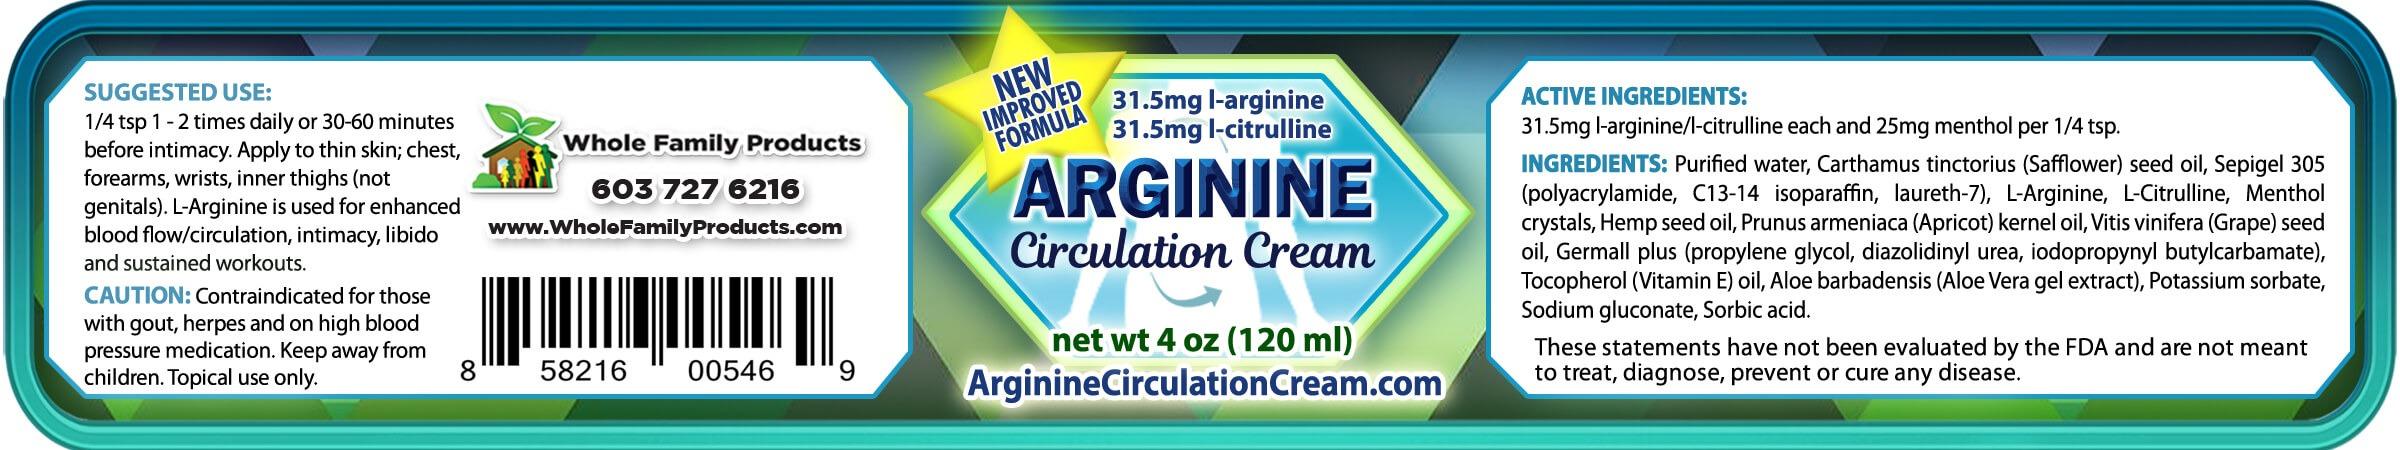 Arginine Circulation Cream Product Label 4oz Jar